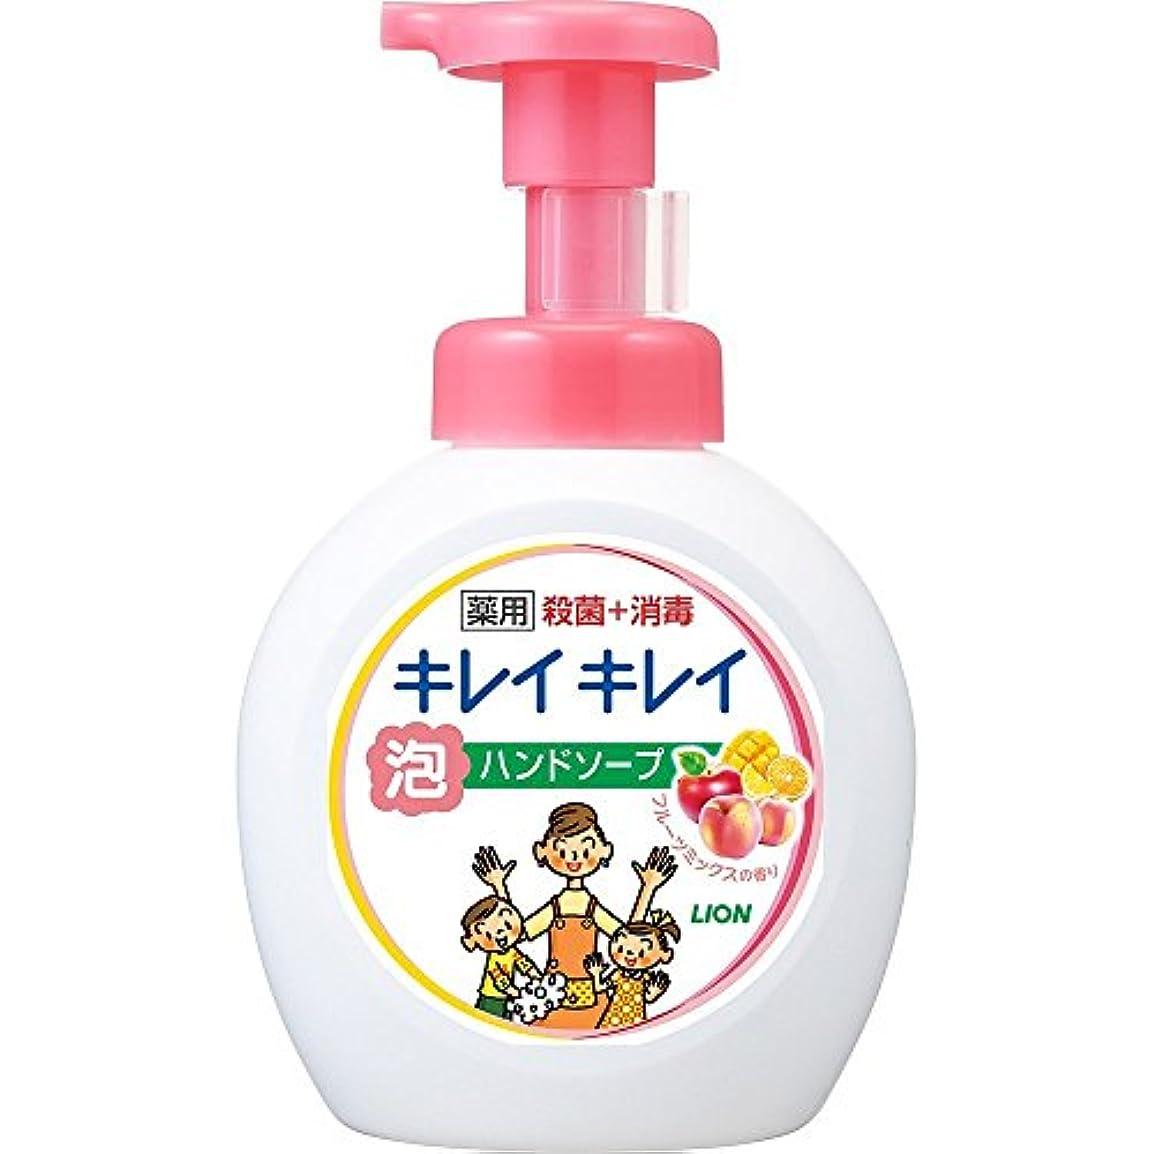 襲撃爆発する連続的キレイキレイ 薬用 泡ハンドソープ フルーツミックスの香り 本体ポンプ 大型サイズ 500ml(医薬部外品)